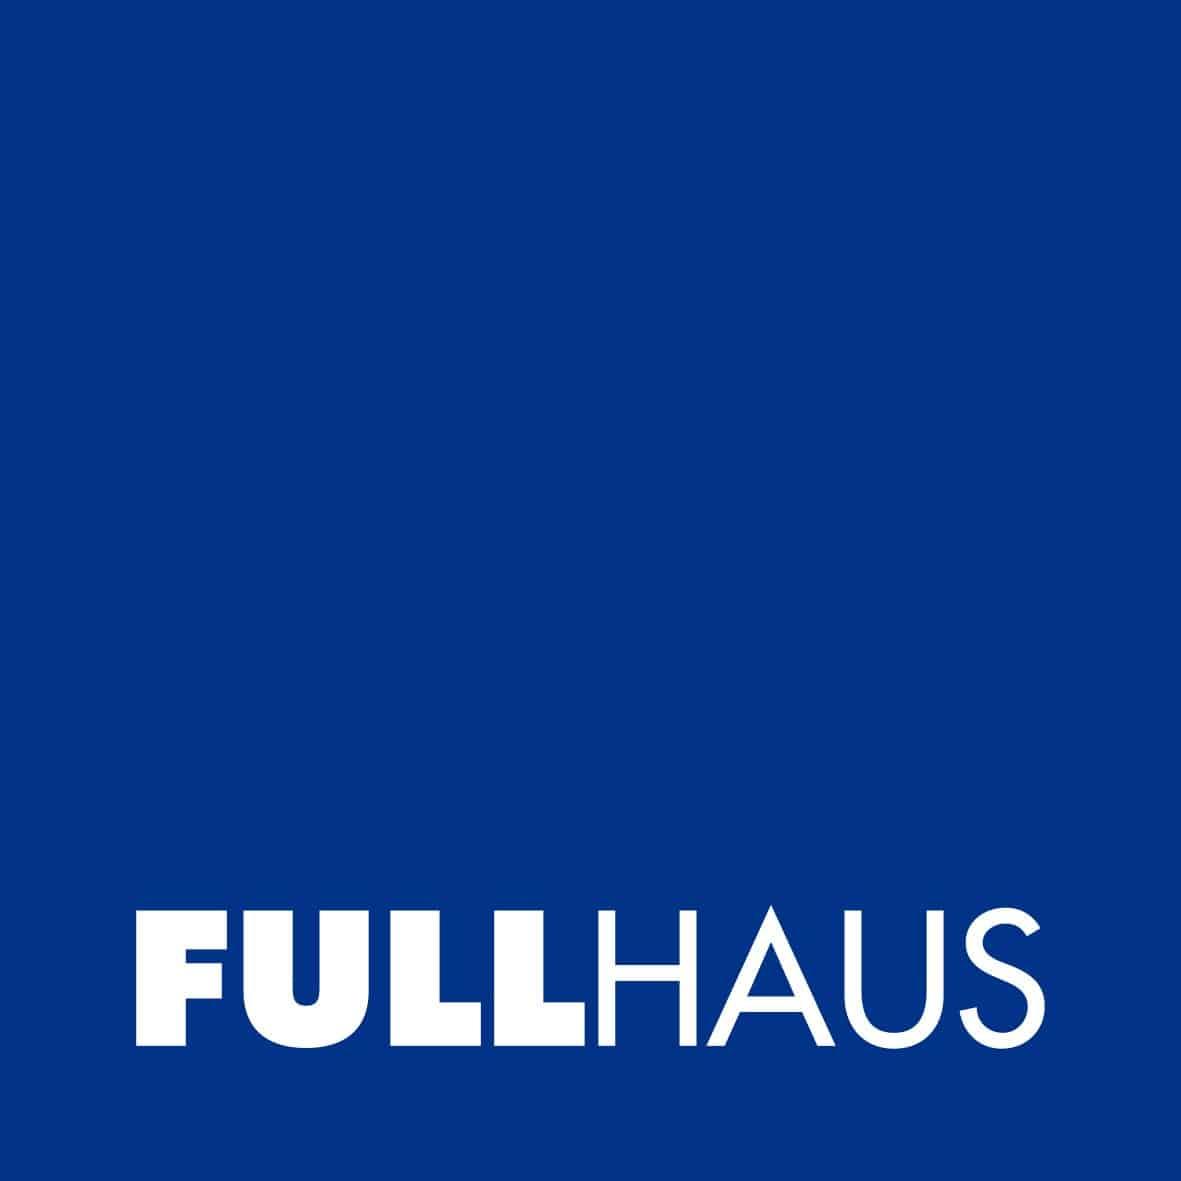 Fullhaus